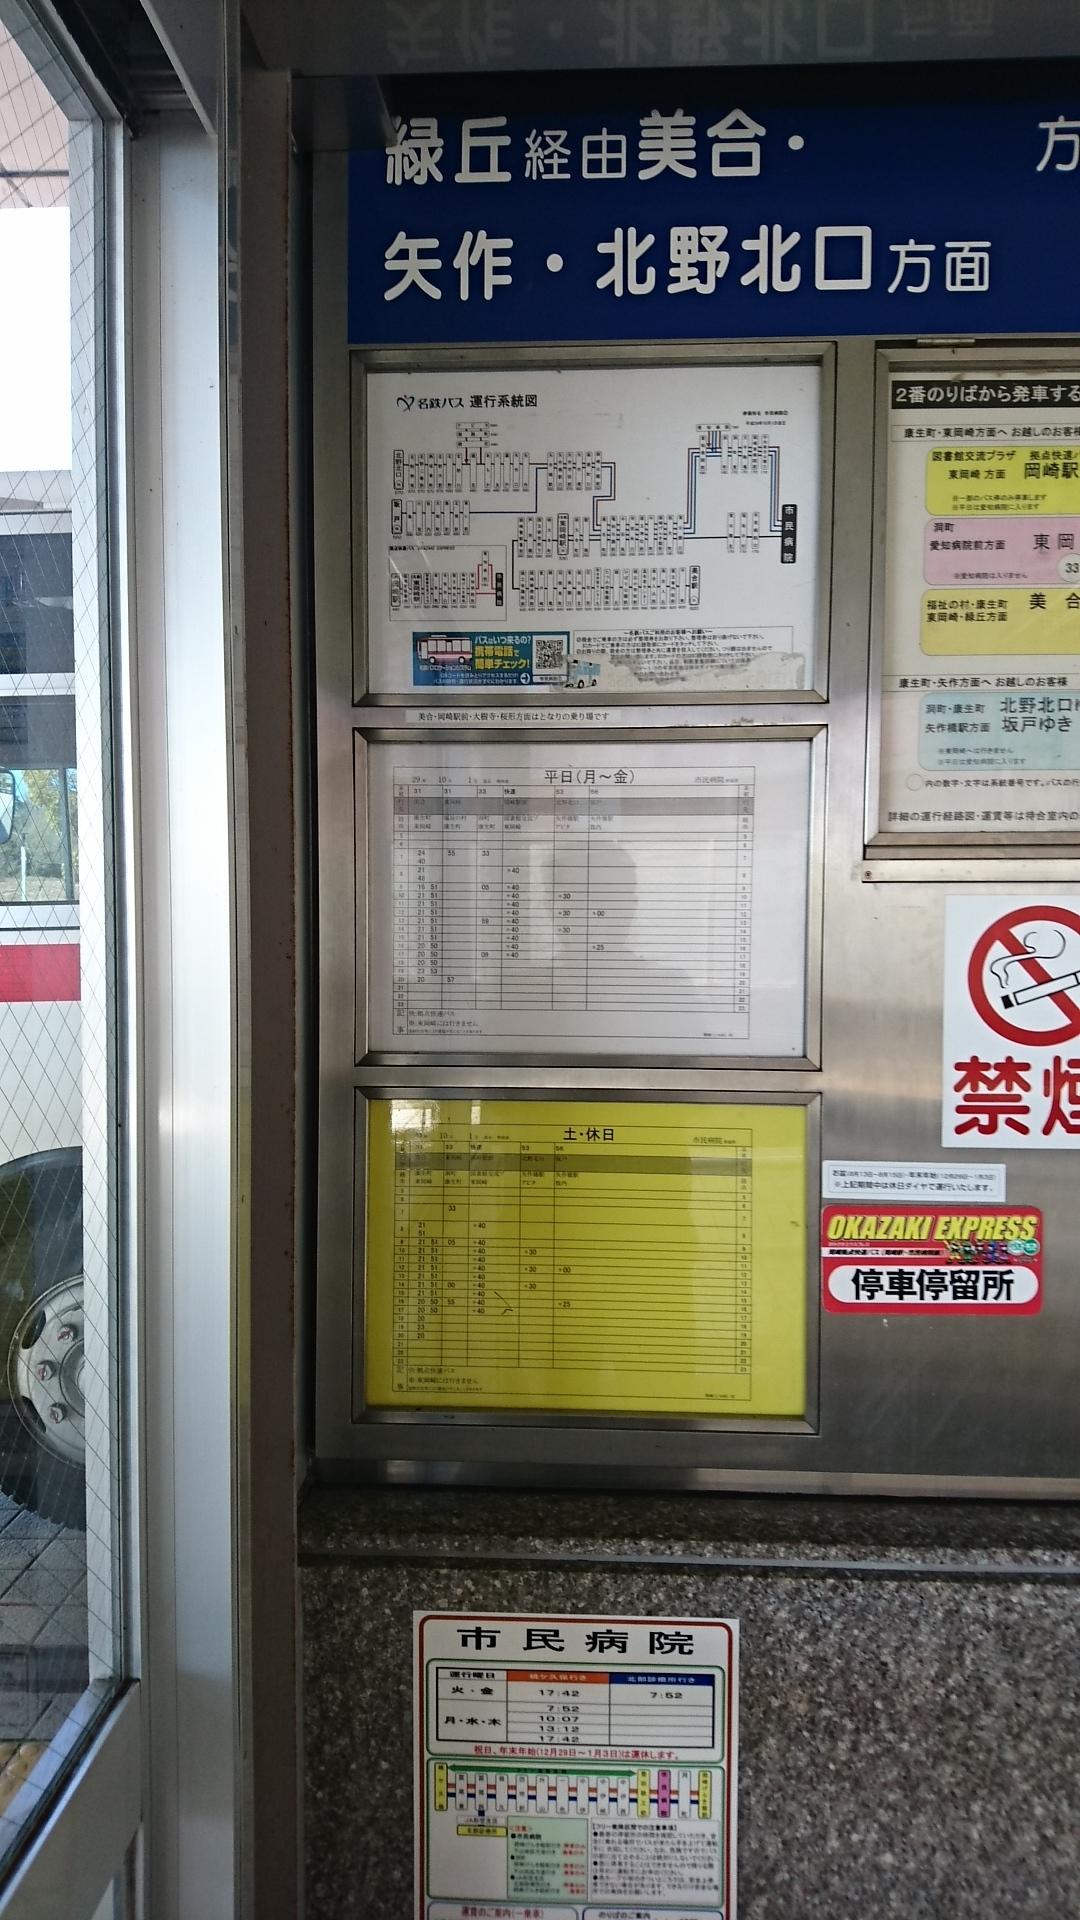 2018.3.6 坂戸 (92) 市民病院バスのりば - 時刻表 1080-1920